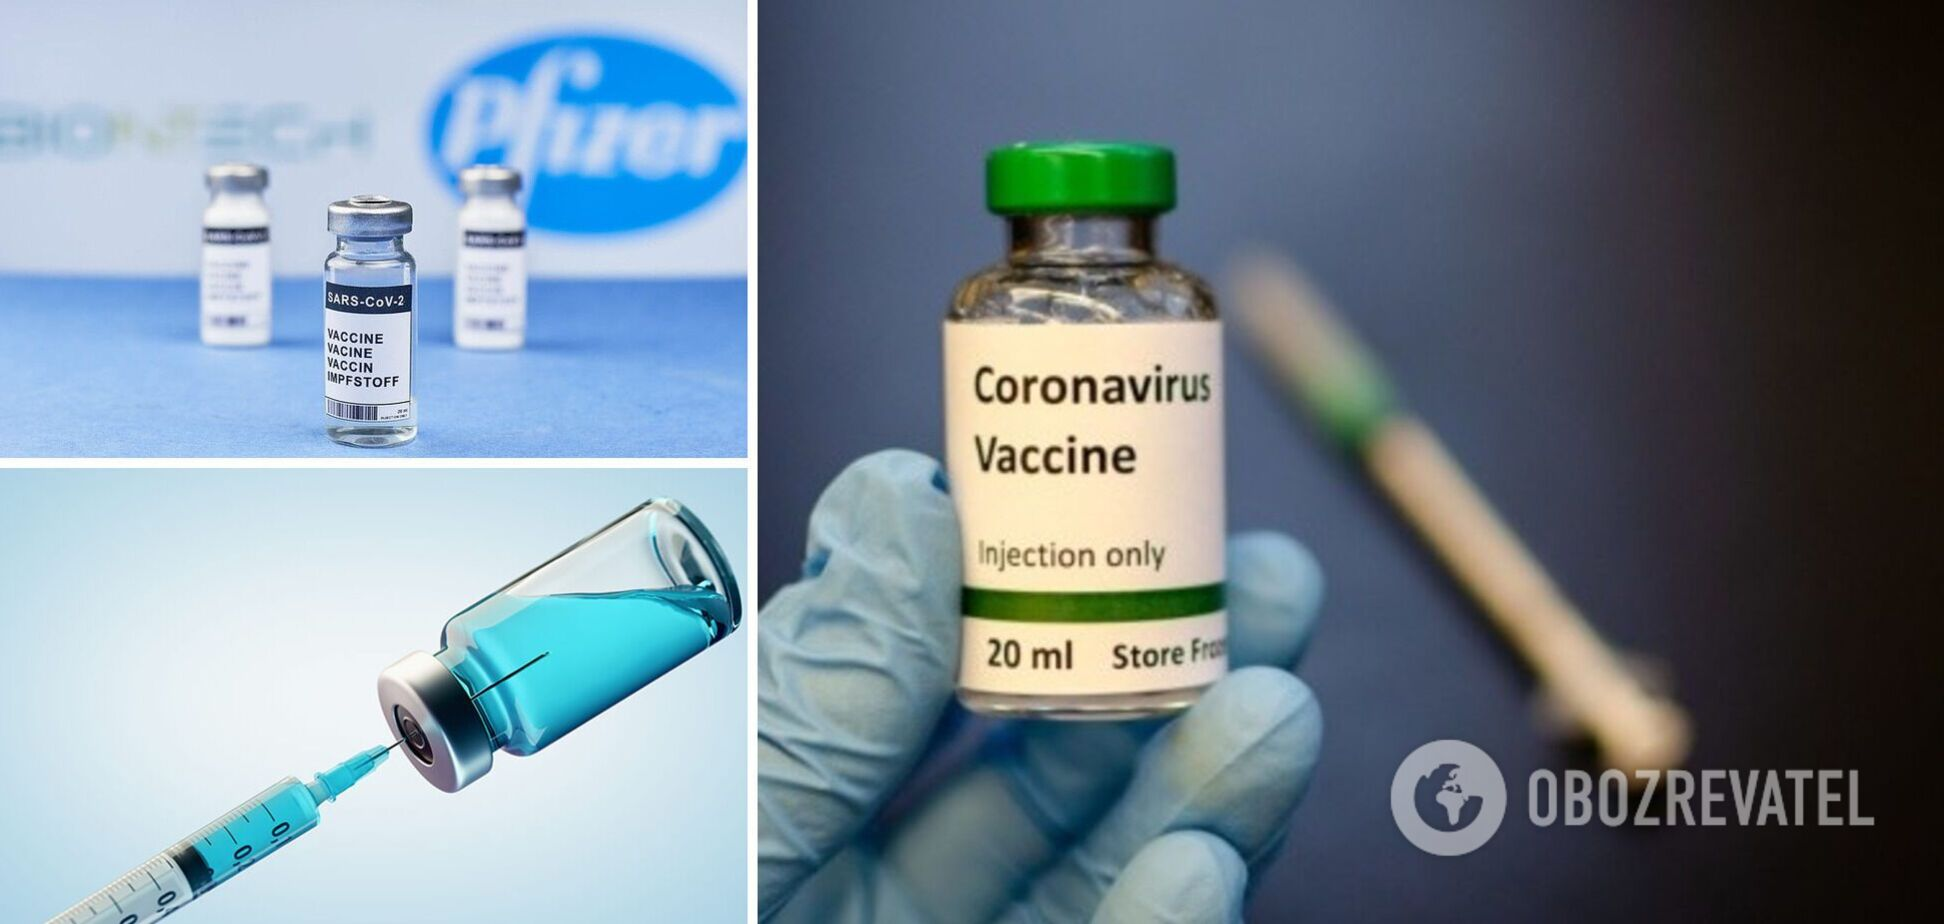 Ефективність вакцин: як проводилися дослідження